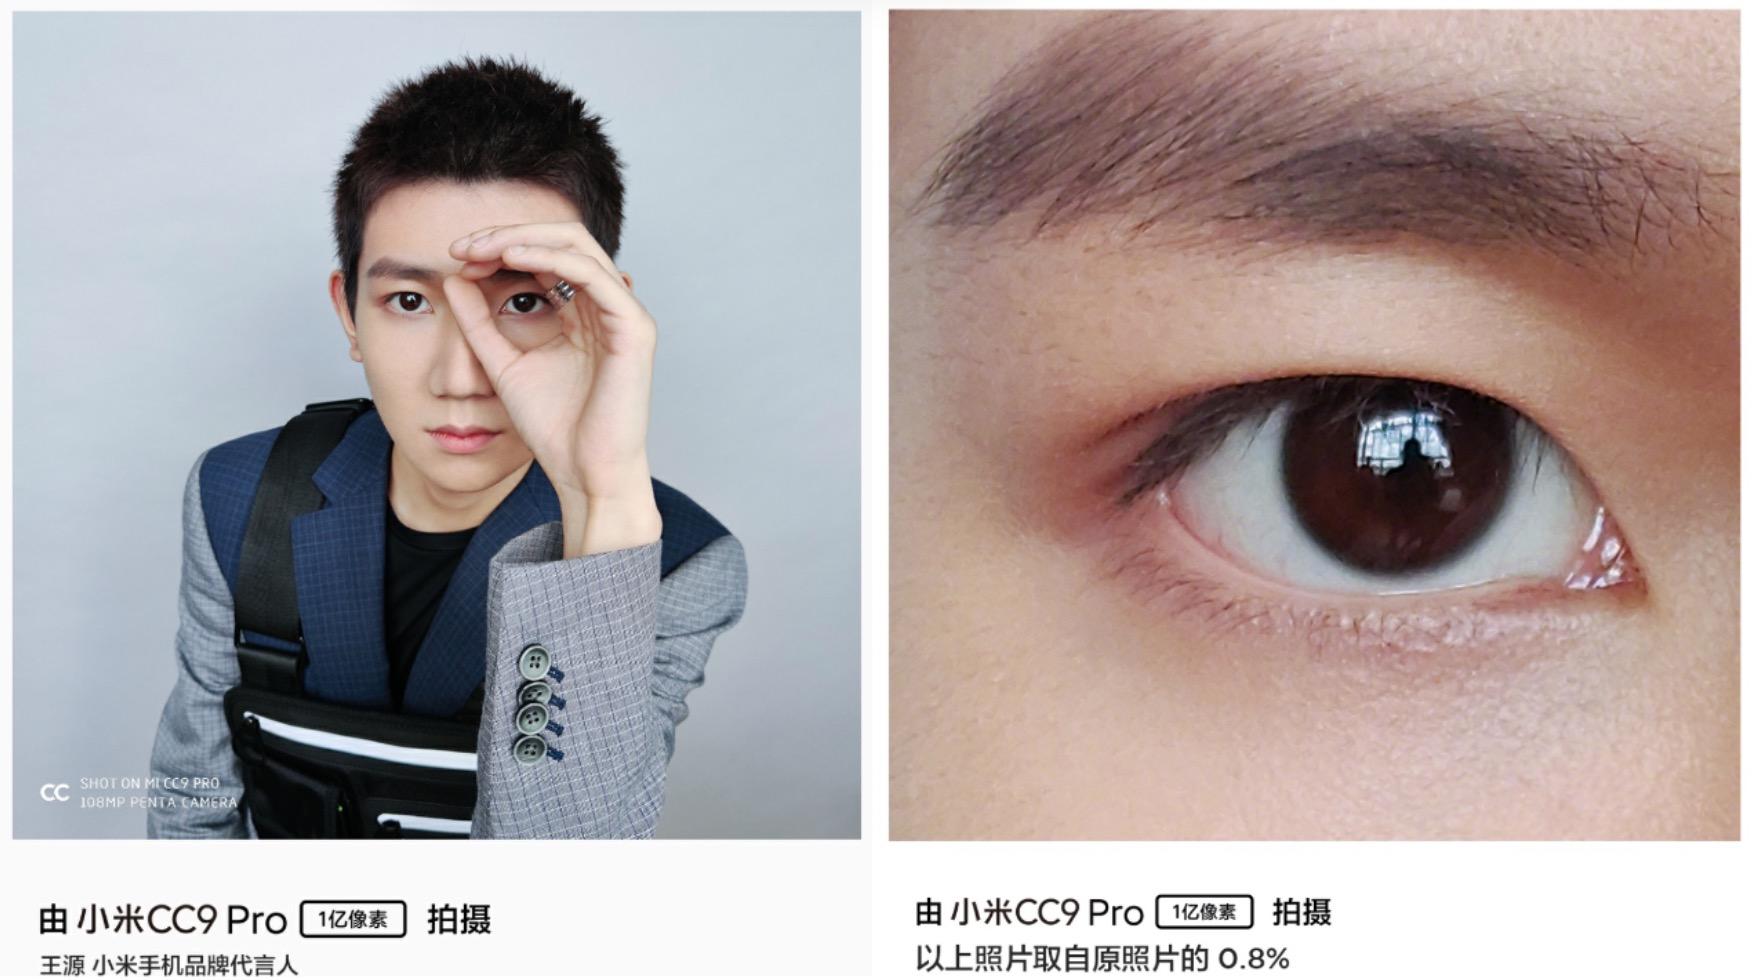 Xiaomi đăng tải ảnh chụp từ camera 108MP của CC9 Pro: thấy cả ảnh phản chiếu trong mắt